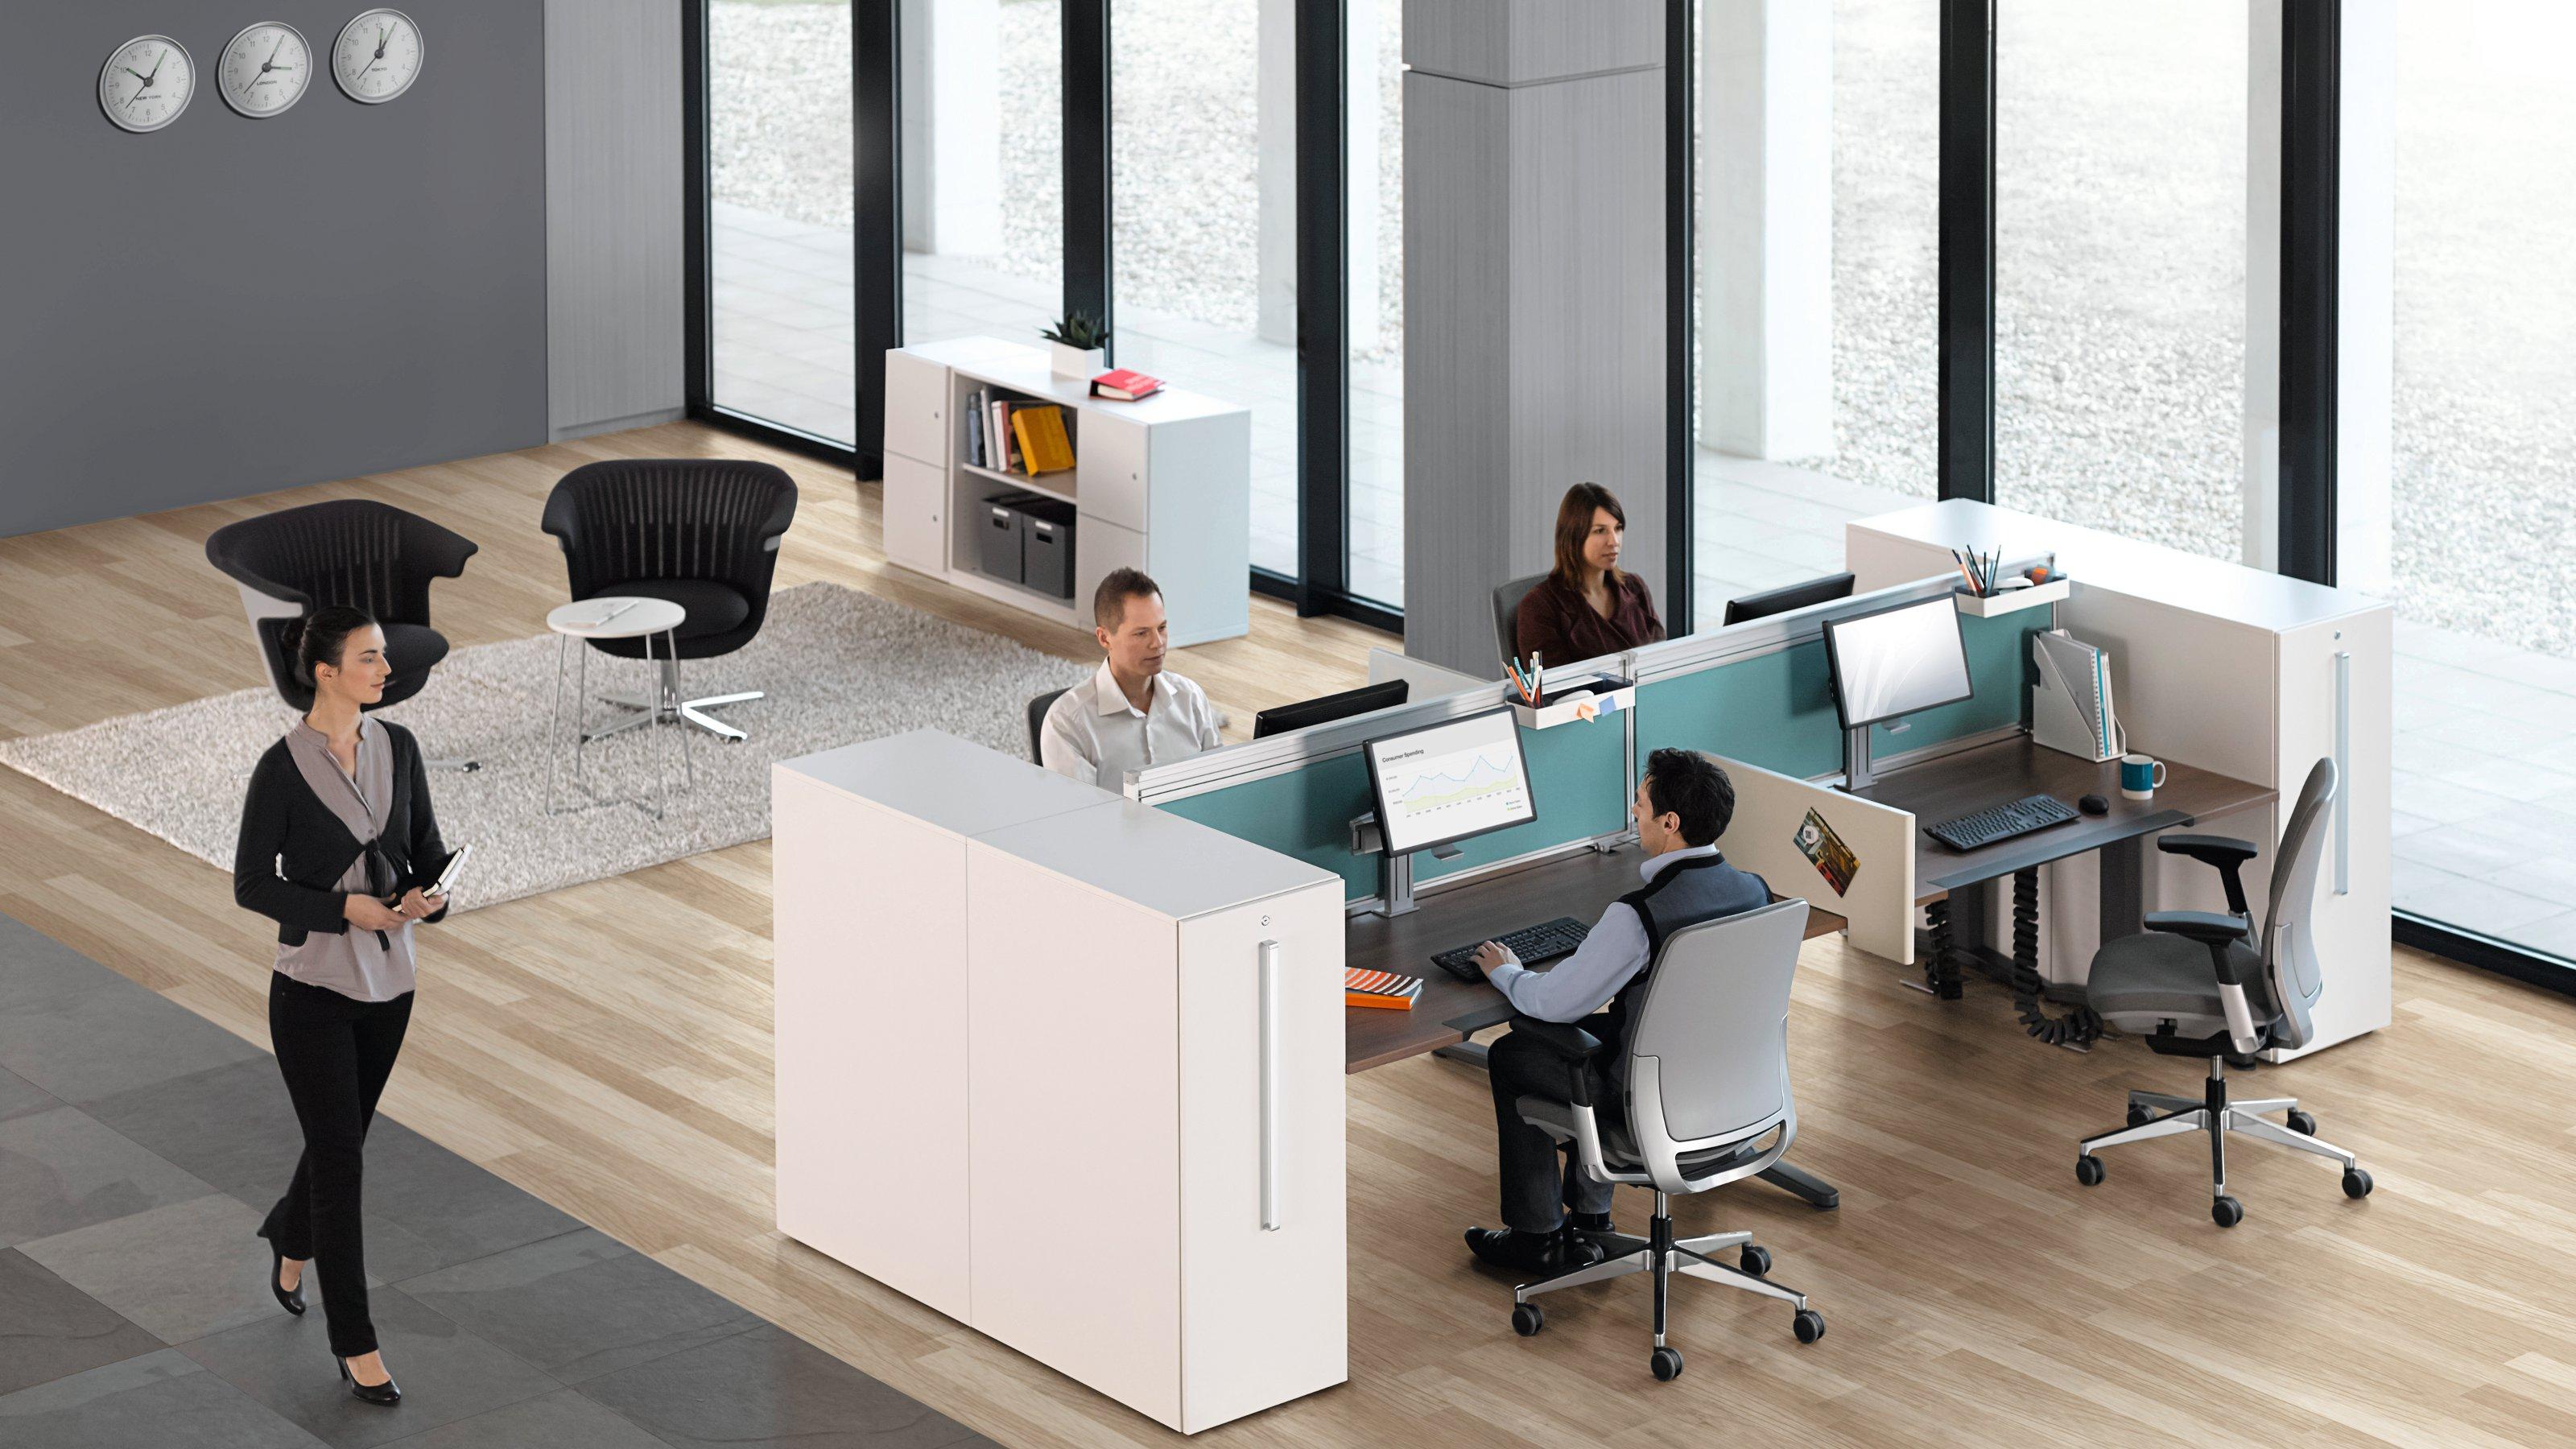 Steelcase Baut Vorreiterrolle Im Bereich Nachhaltigkeit Aus Cradle To  Cradle™ Zertifizierung Für Das Schreibtisch System Ology.   Steelcase